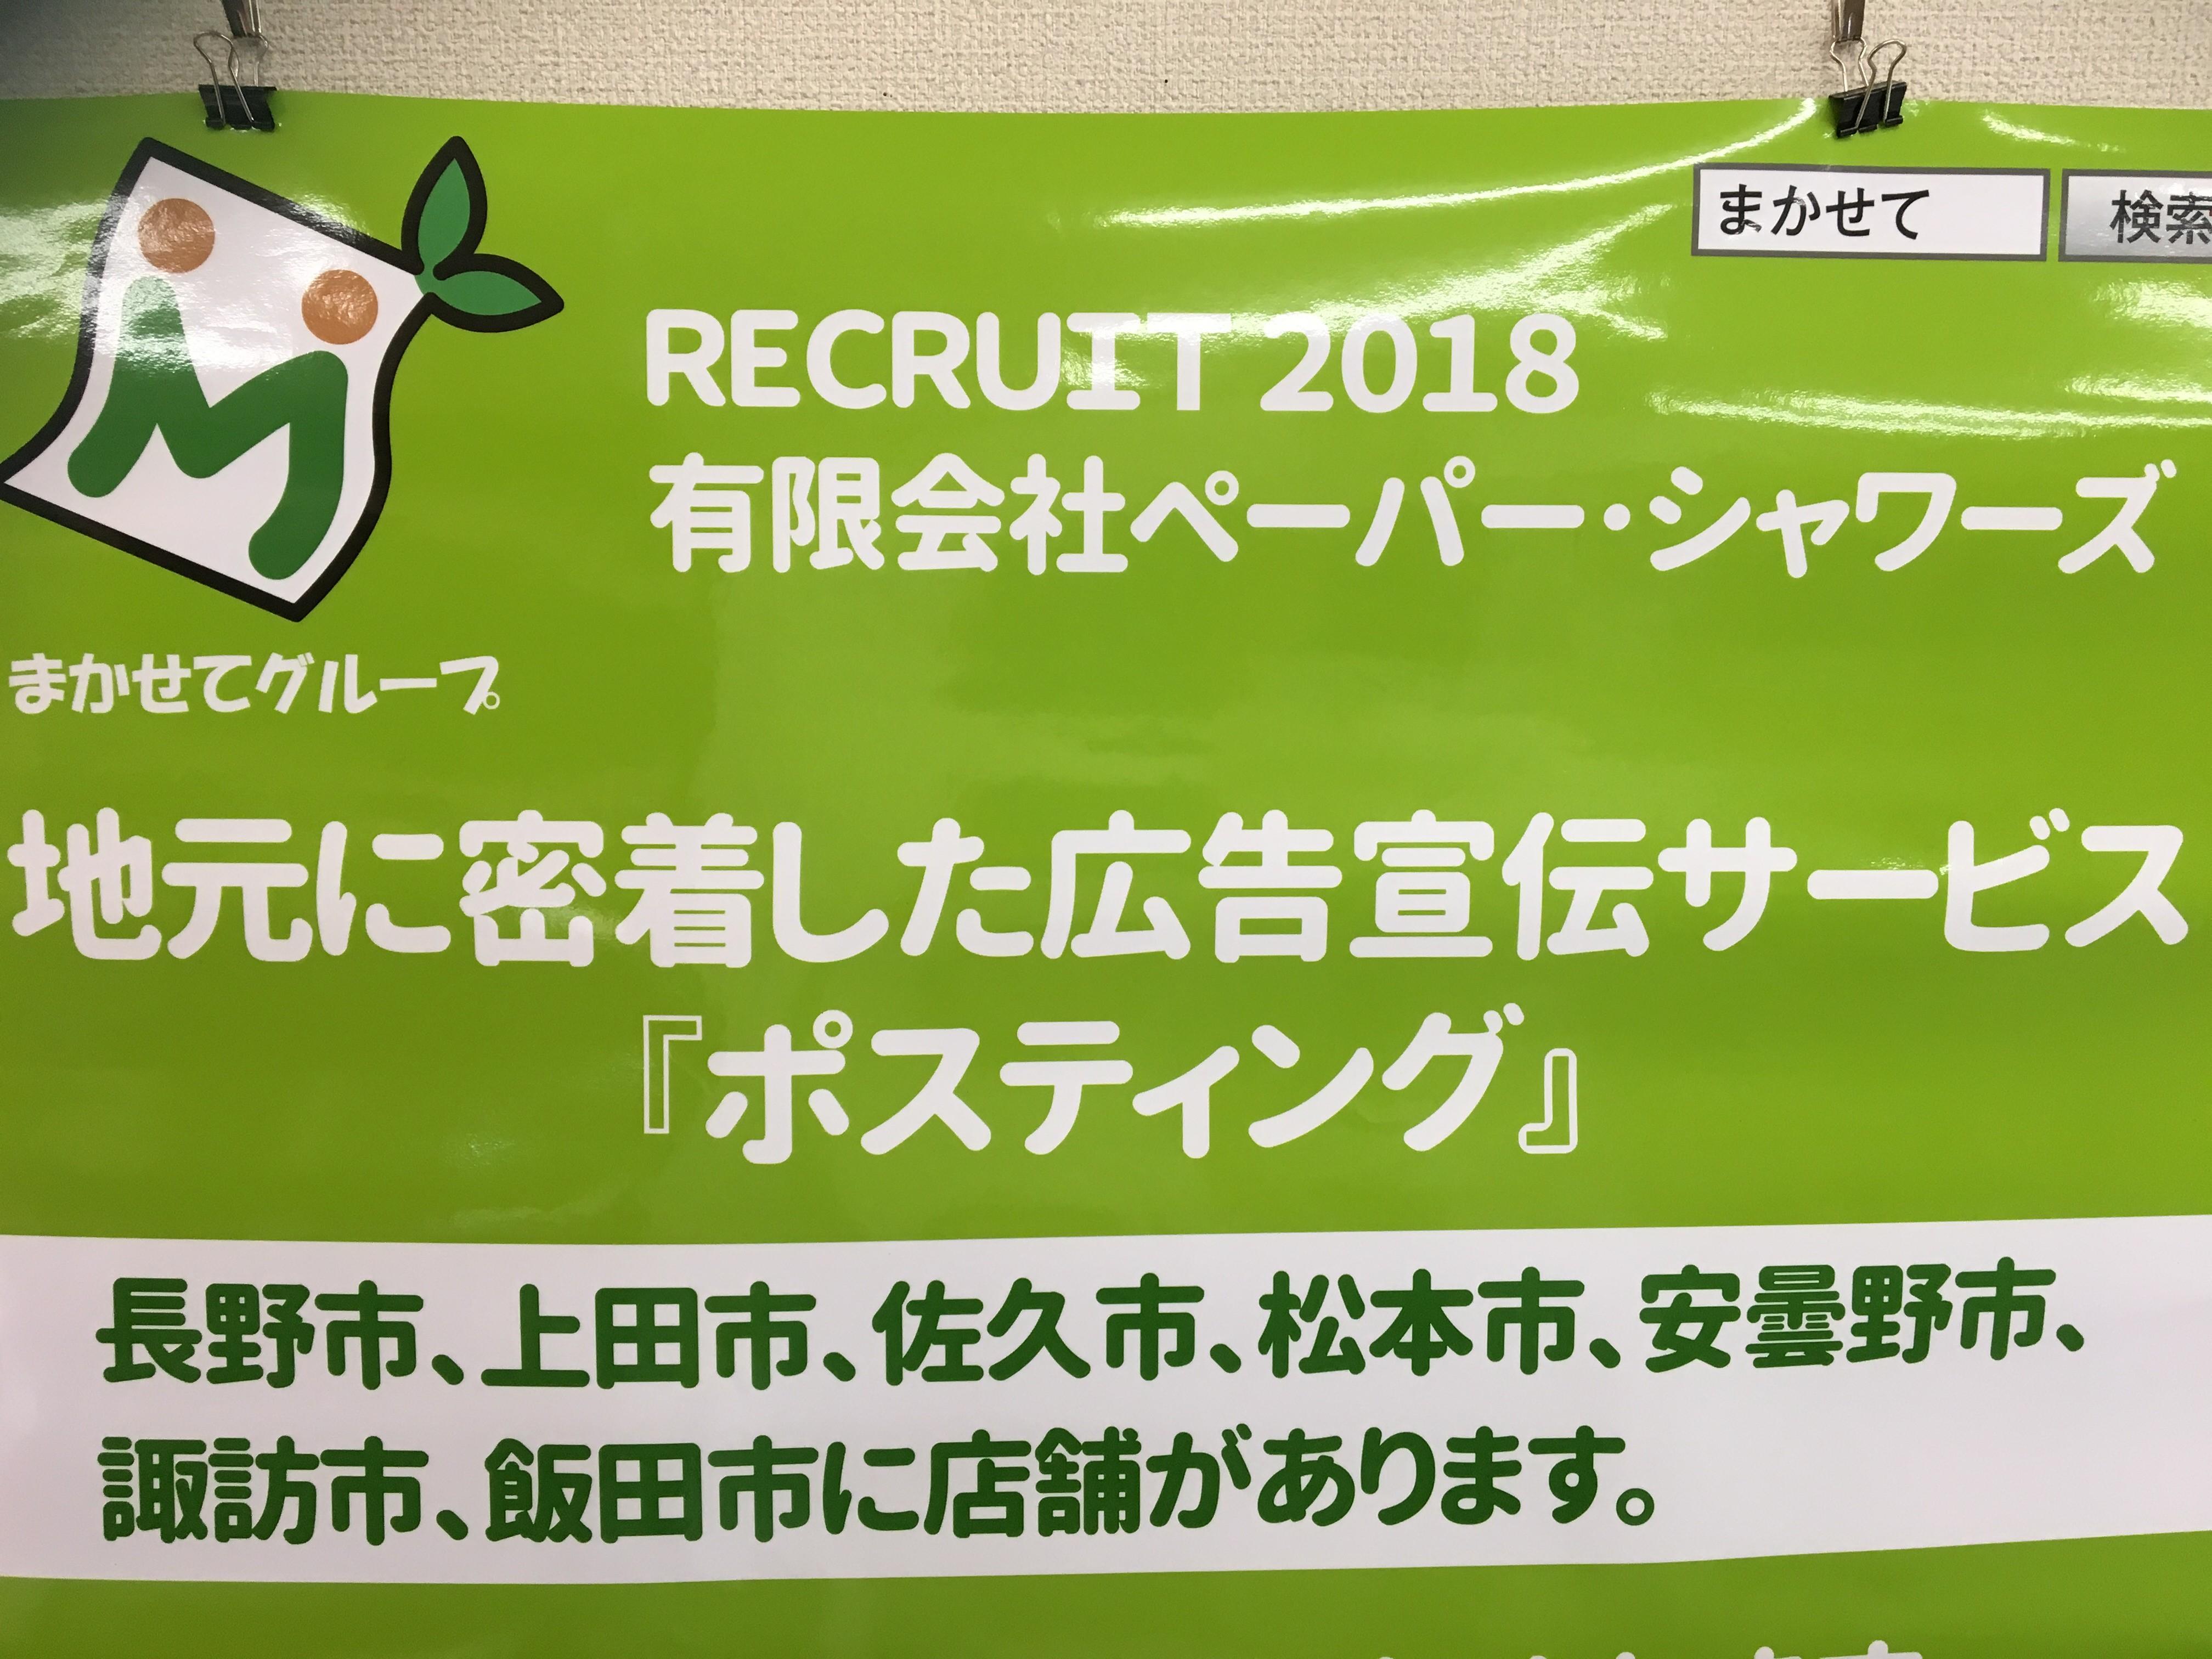 6月9日(金)松本ブエナビスタにて就職説明会をやります!